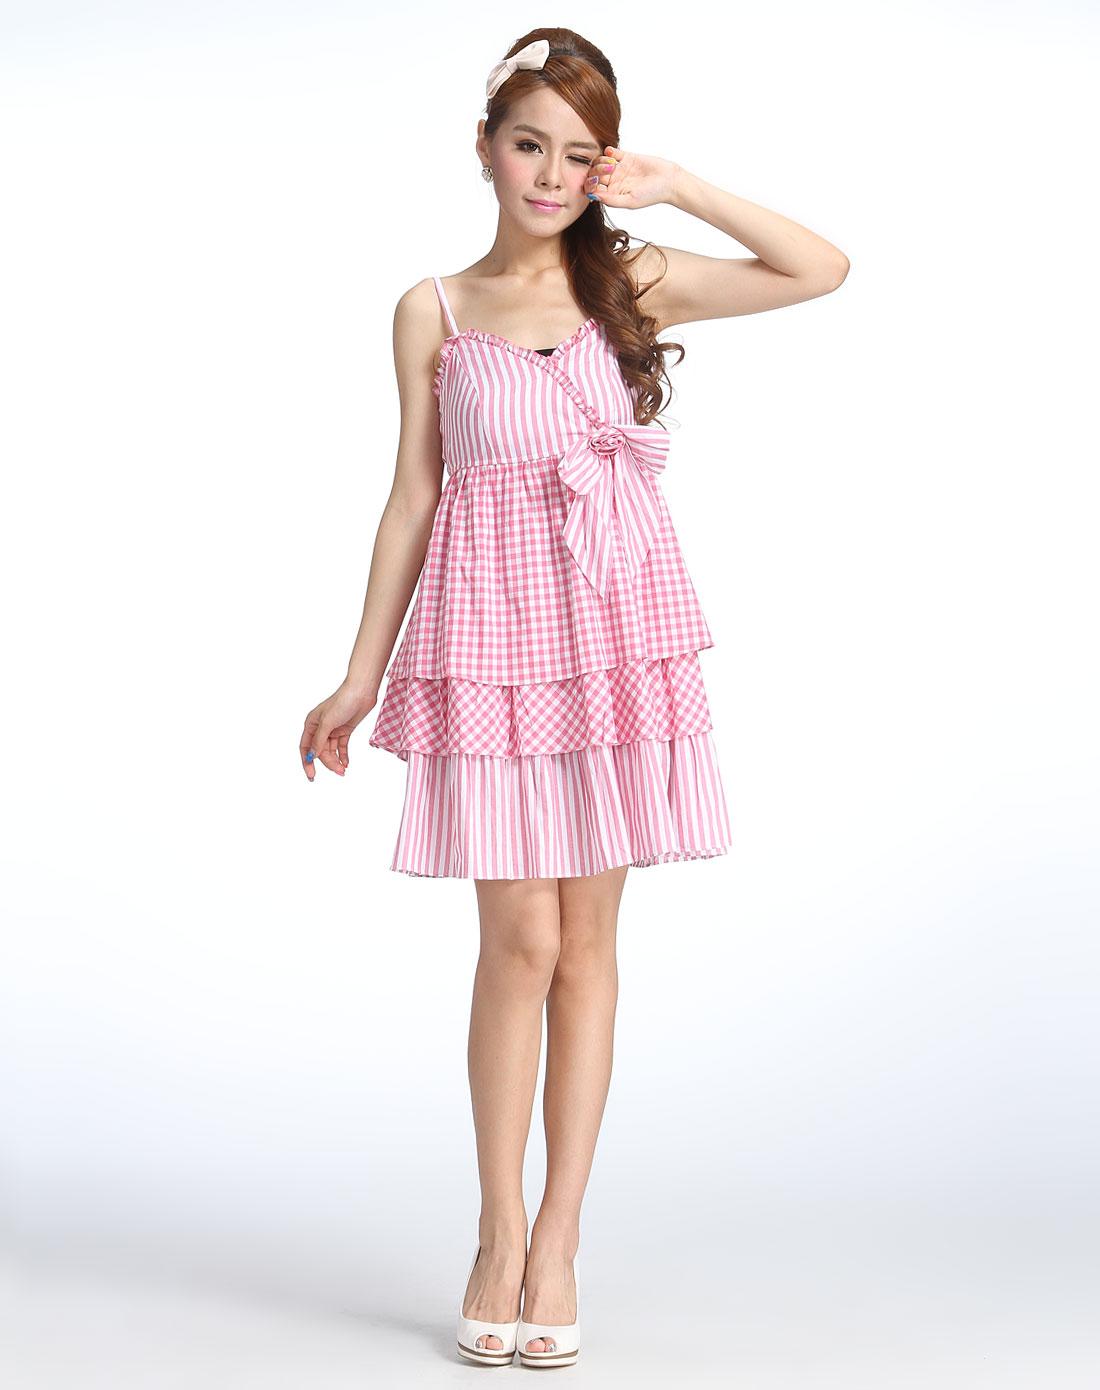 粉红色可爱蝴蝶结格子吊带连衣裙